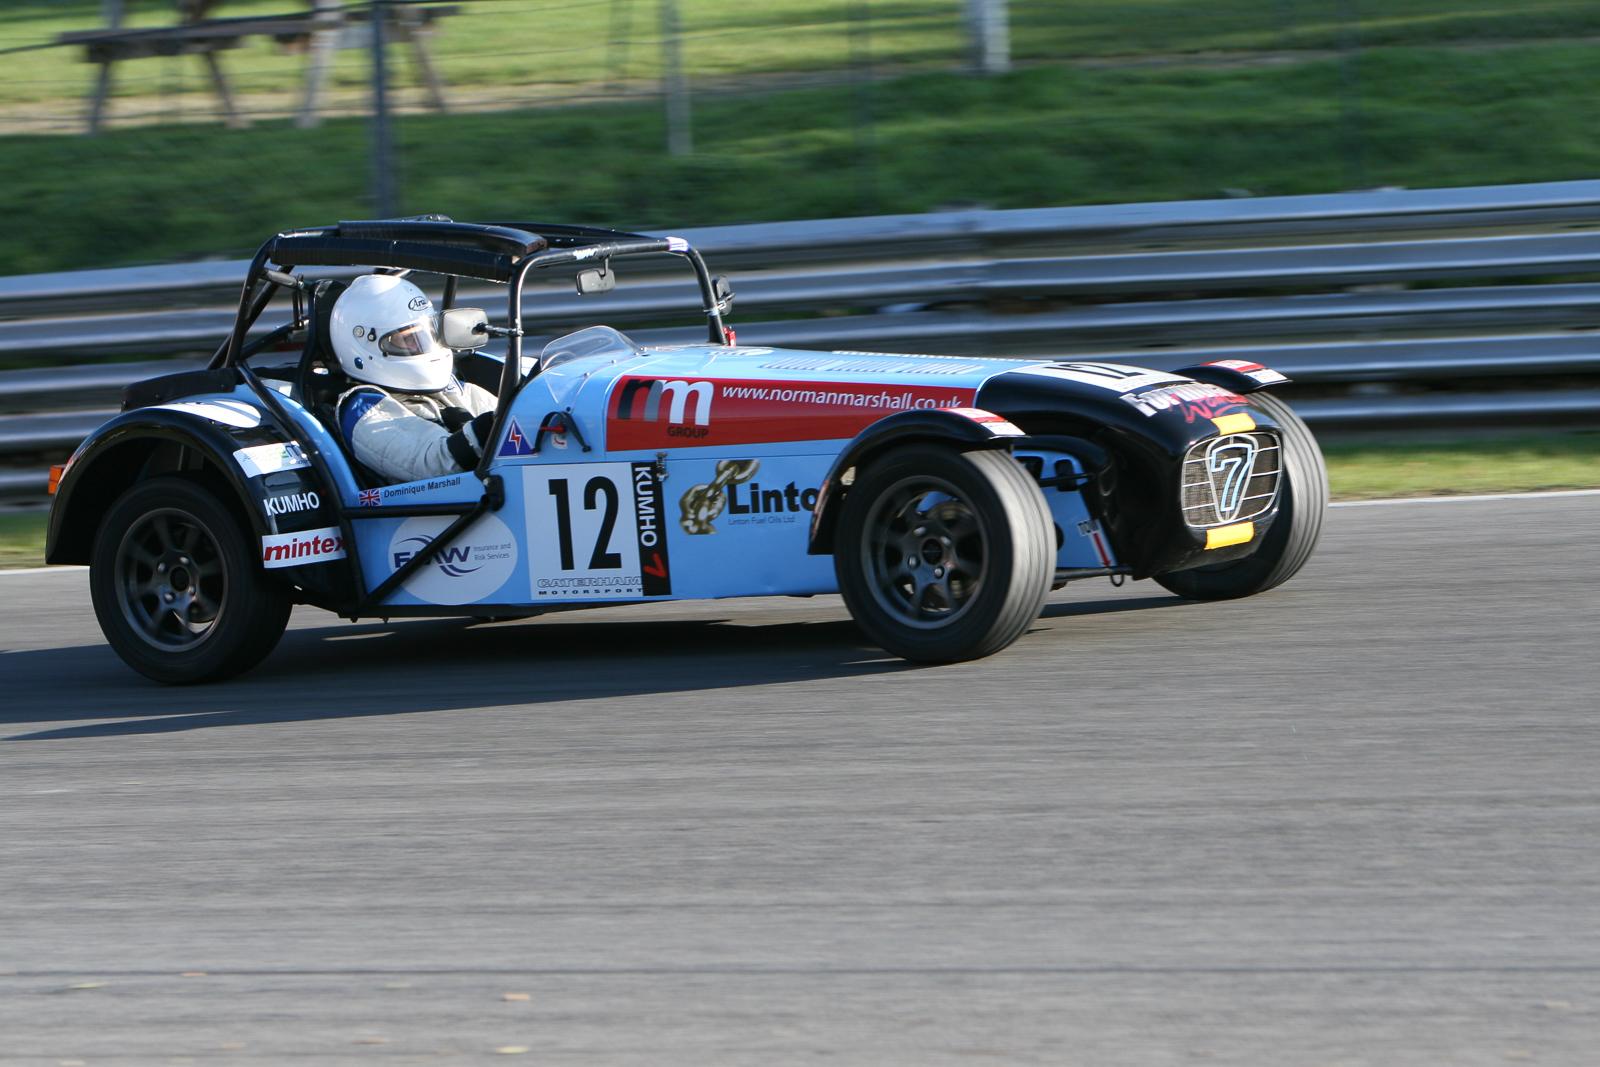 20071103 - Truck Racing Brands -071103 -021